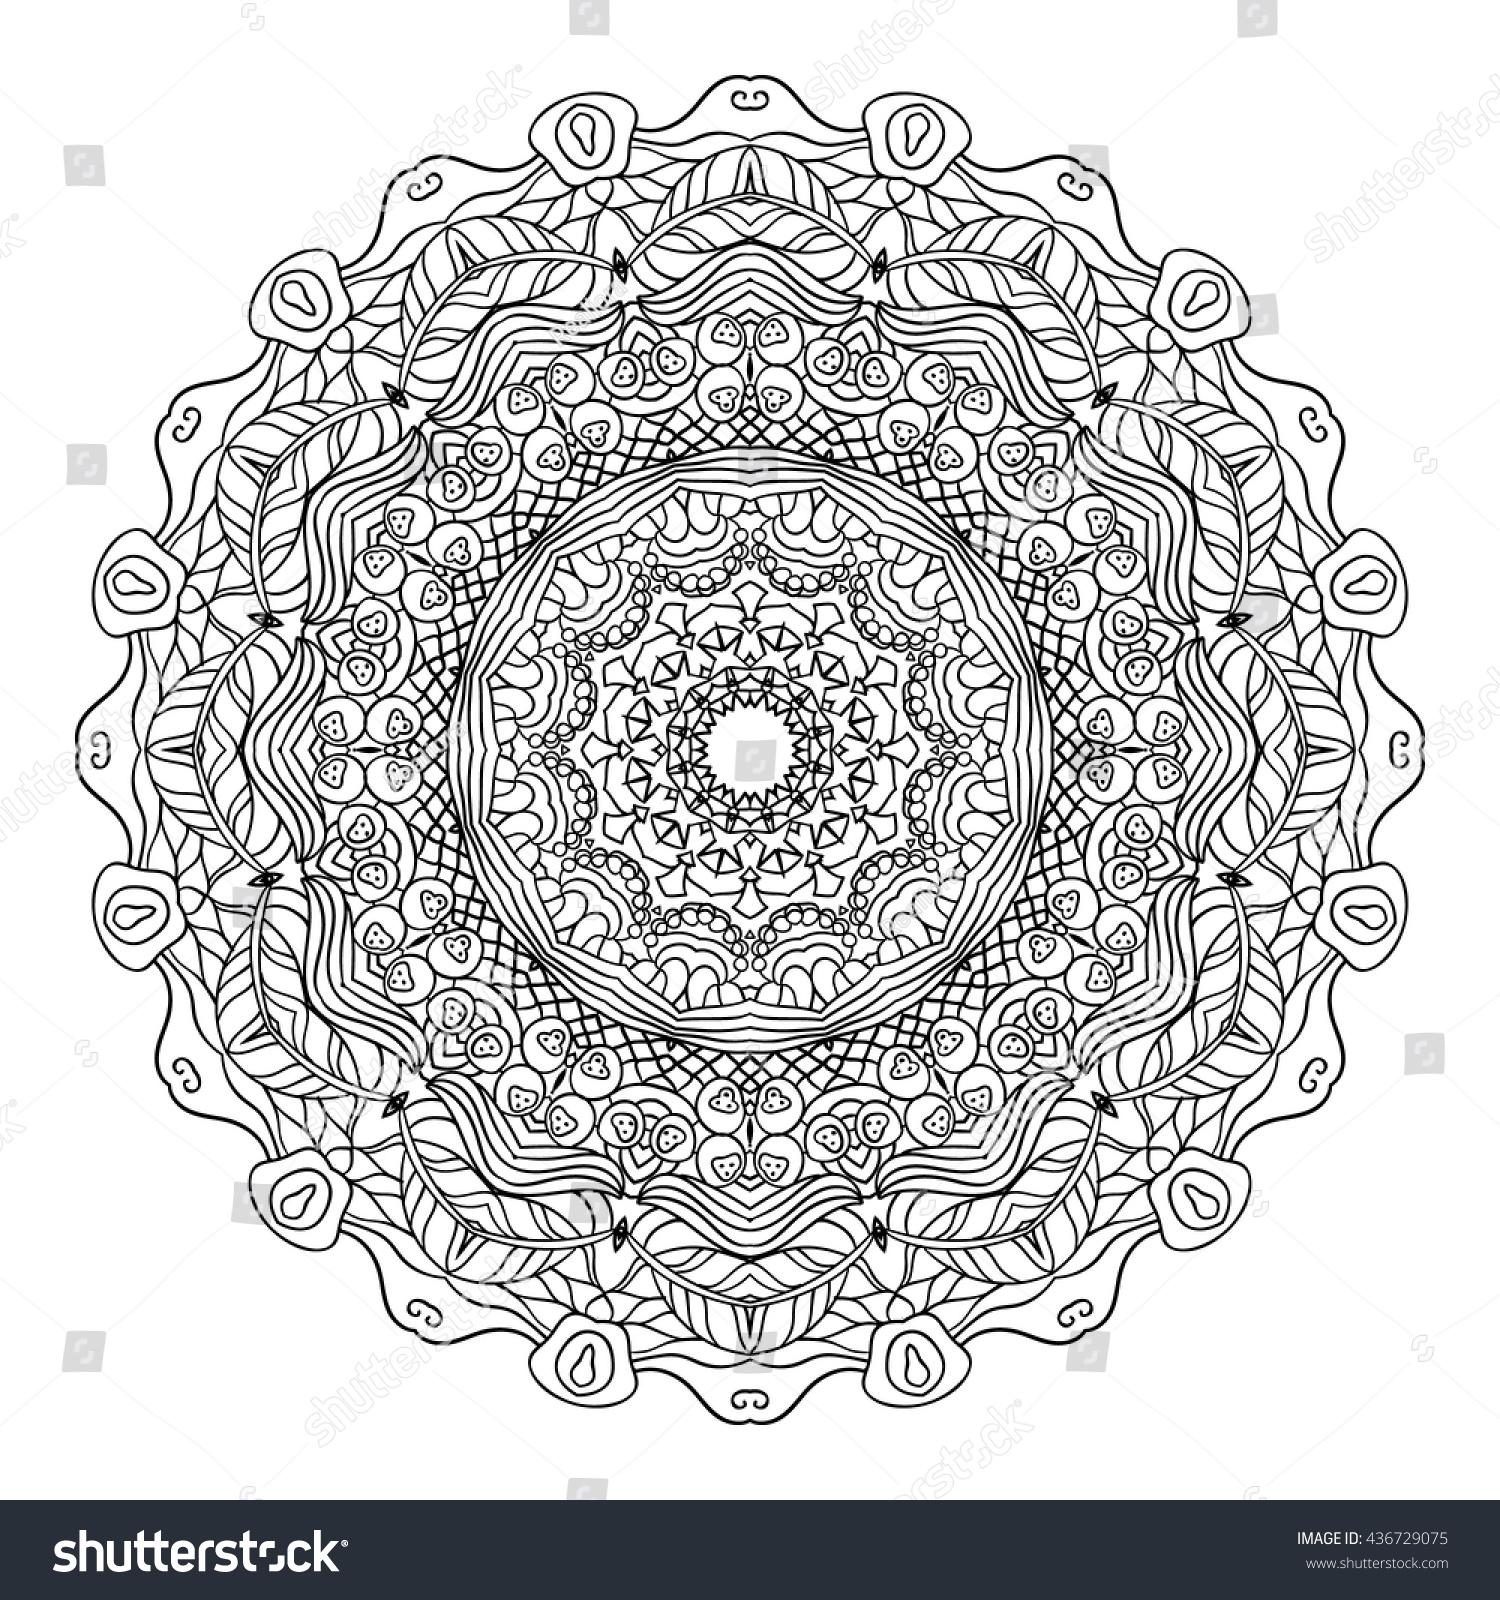 Adult Coloring Page Mandala Vector Art Stock Vector HD (Royalty Free ...